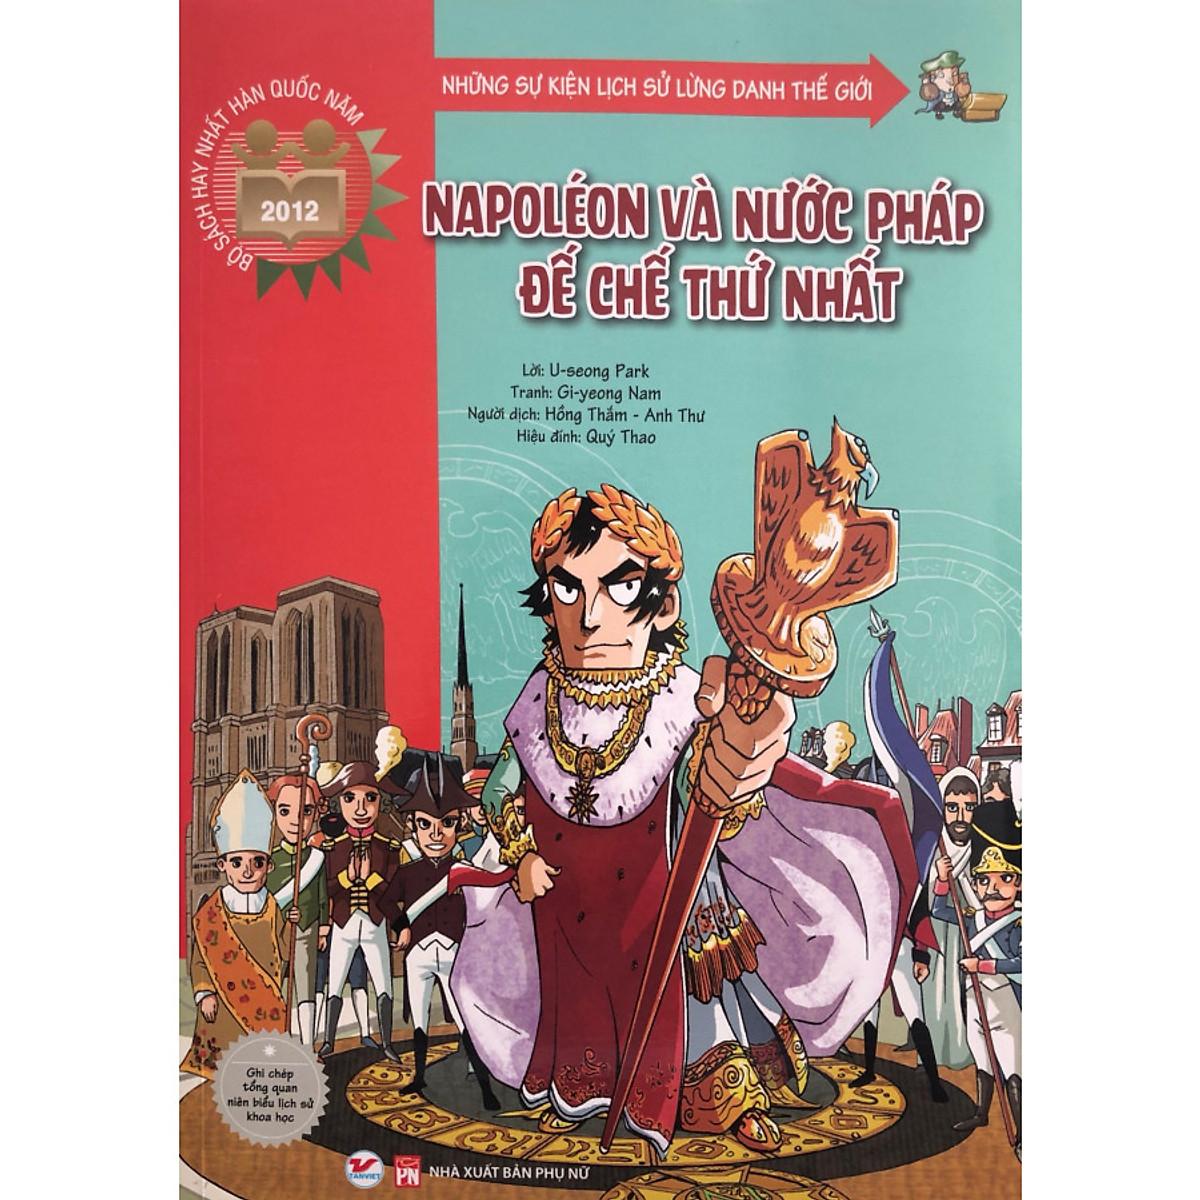 Những Sự Kiện LS Lừng Danh TG - NaPoLeOn và Nước Pháp Đế Chế Thứ Nhất